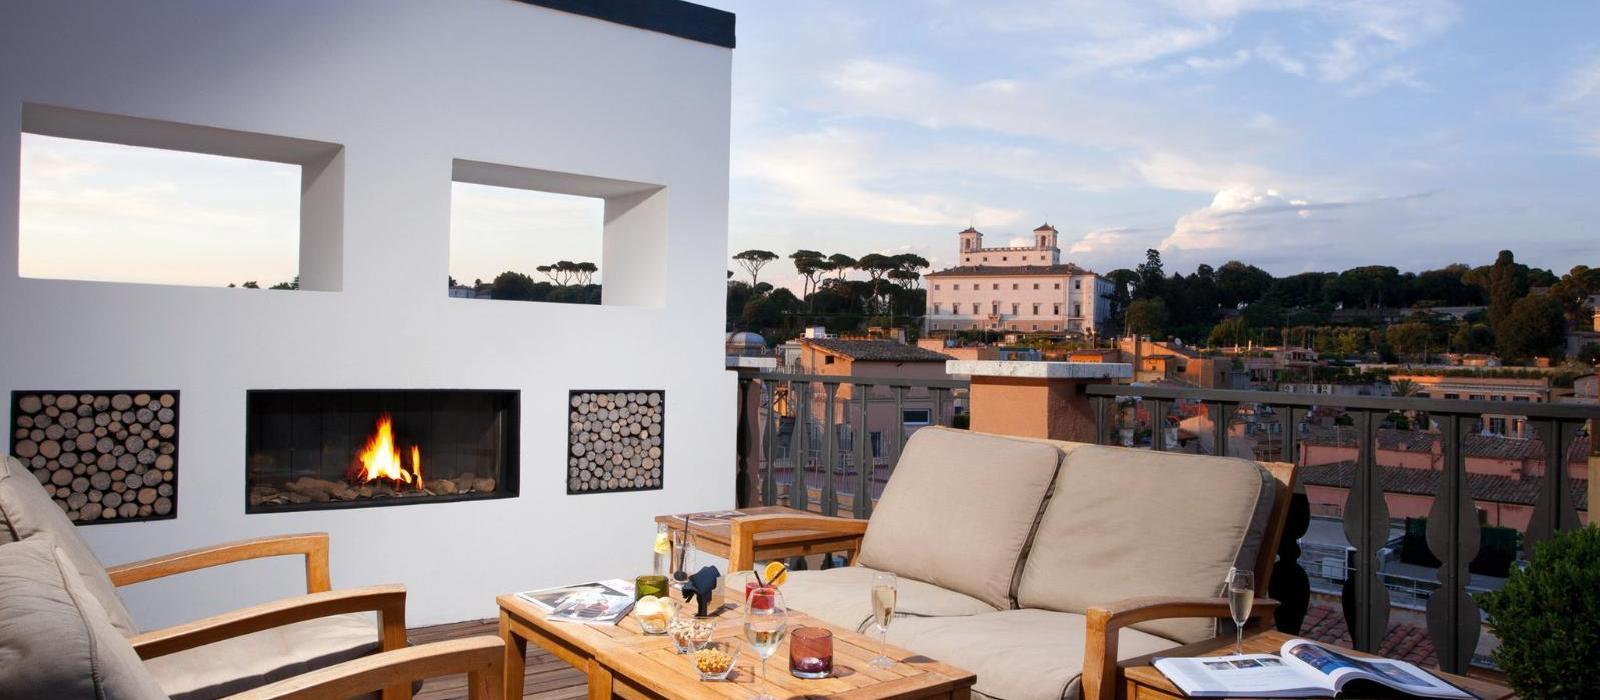 印象罗马精品酒店(Portrait Roma) 图片  www.lhw.cn